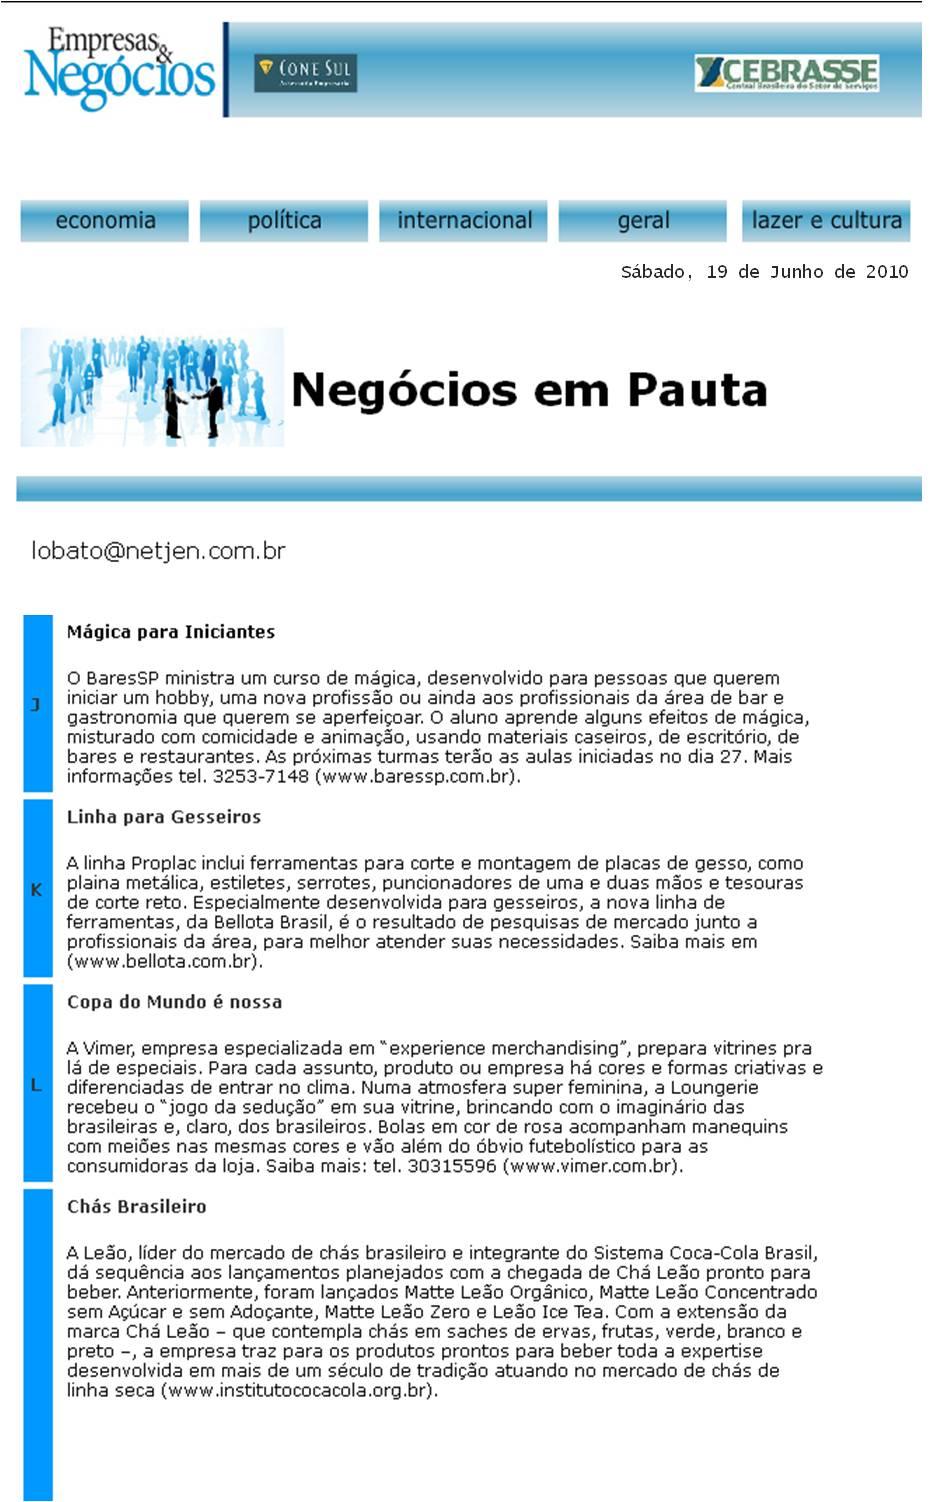 Curso de mágica do BaresSP no Jornal Empresas & Negócios